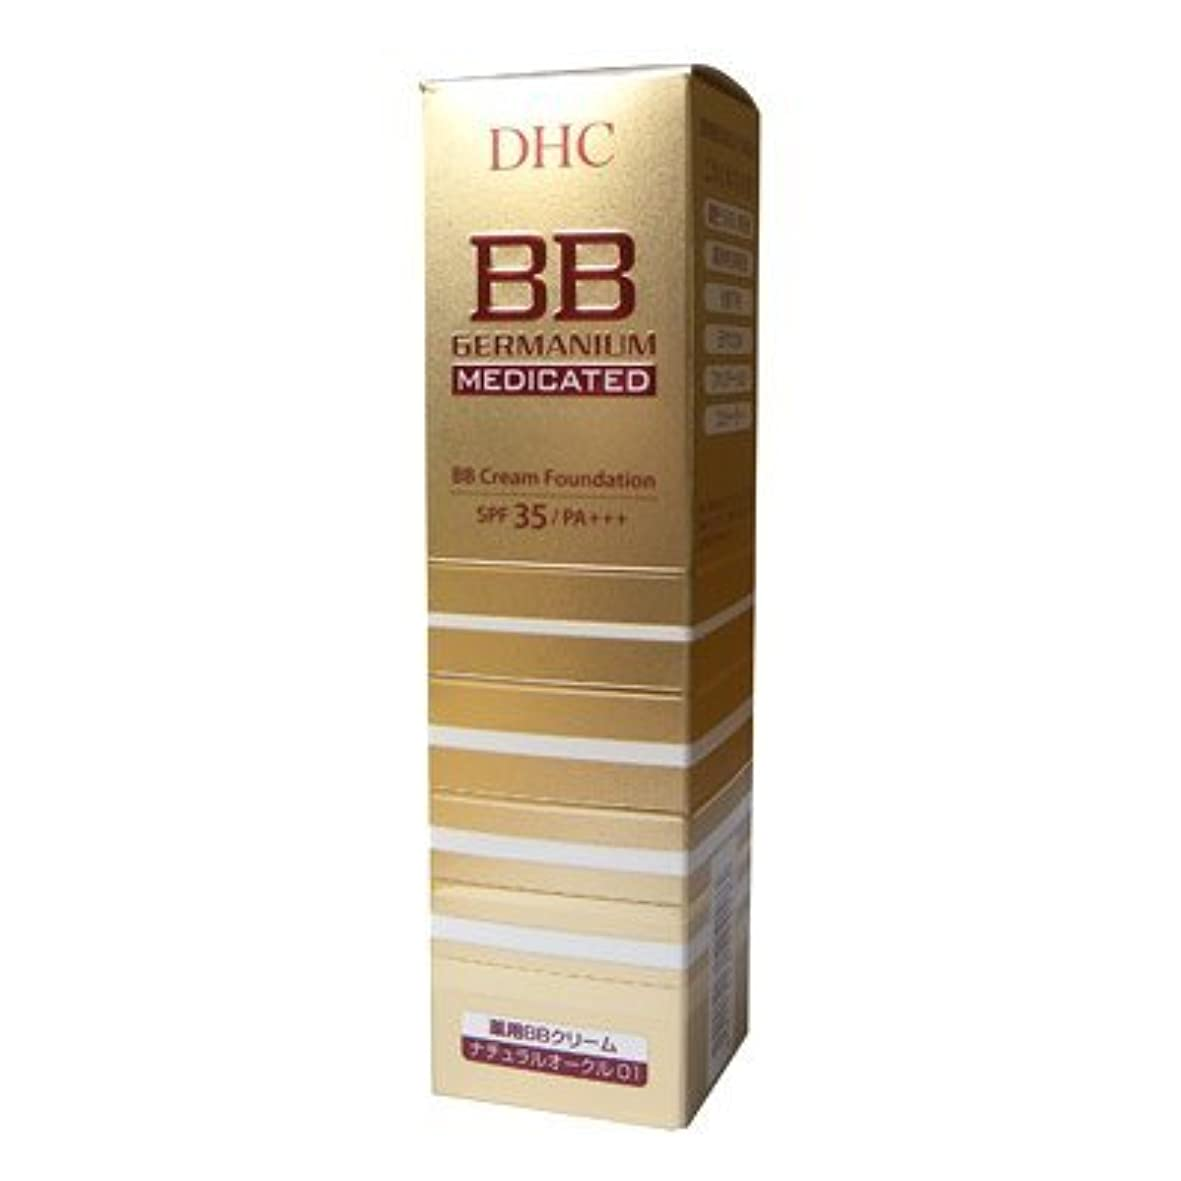 かなり液化する旋律的DHC 薬用 BBクリーム GE 01ナチュラルオークル 40g 医薬部外品